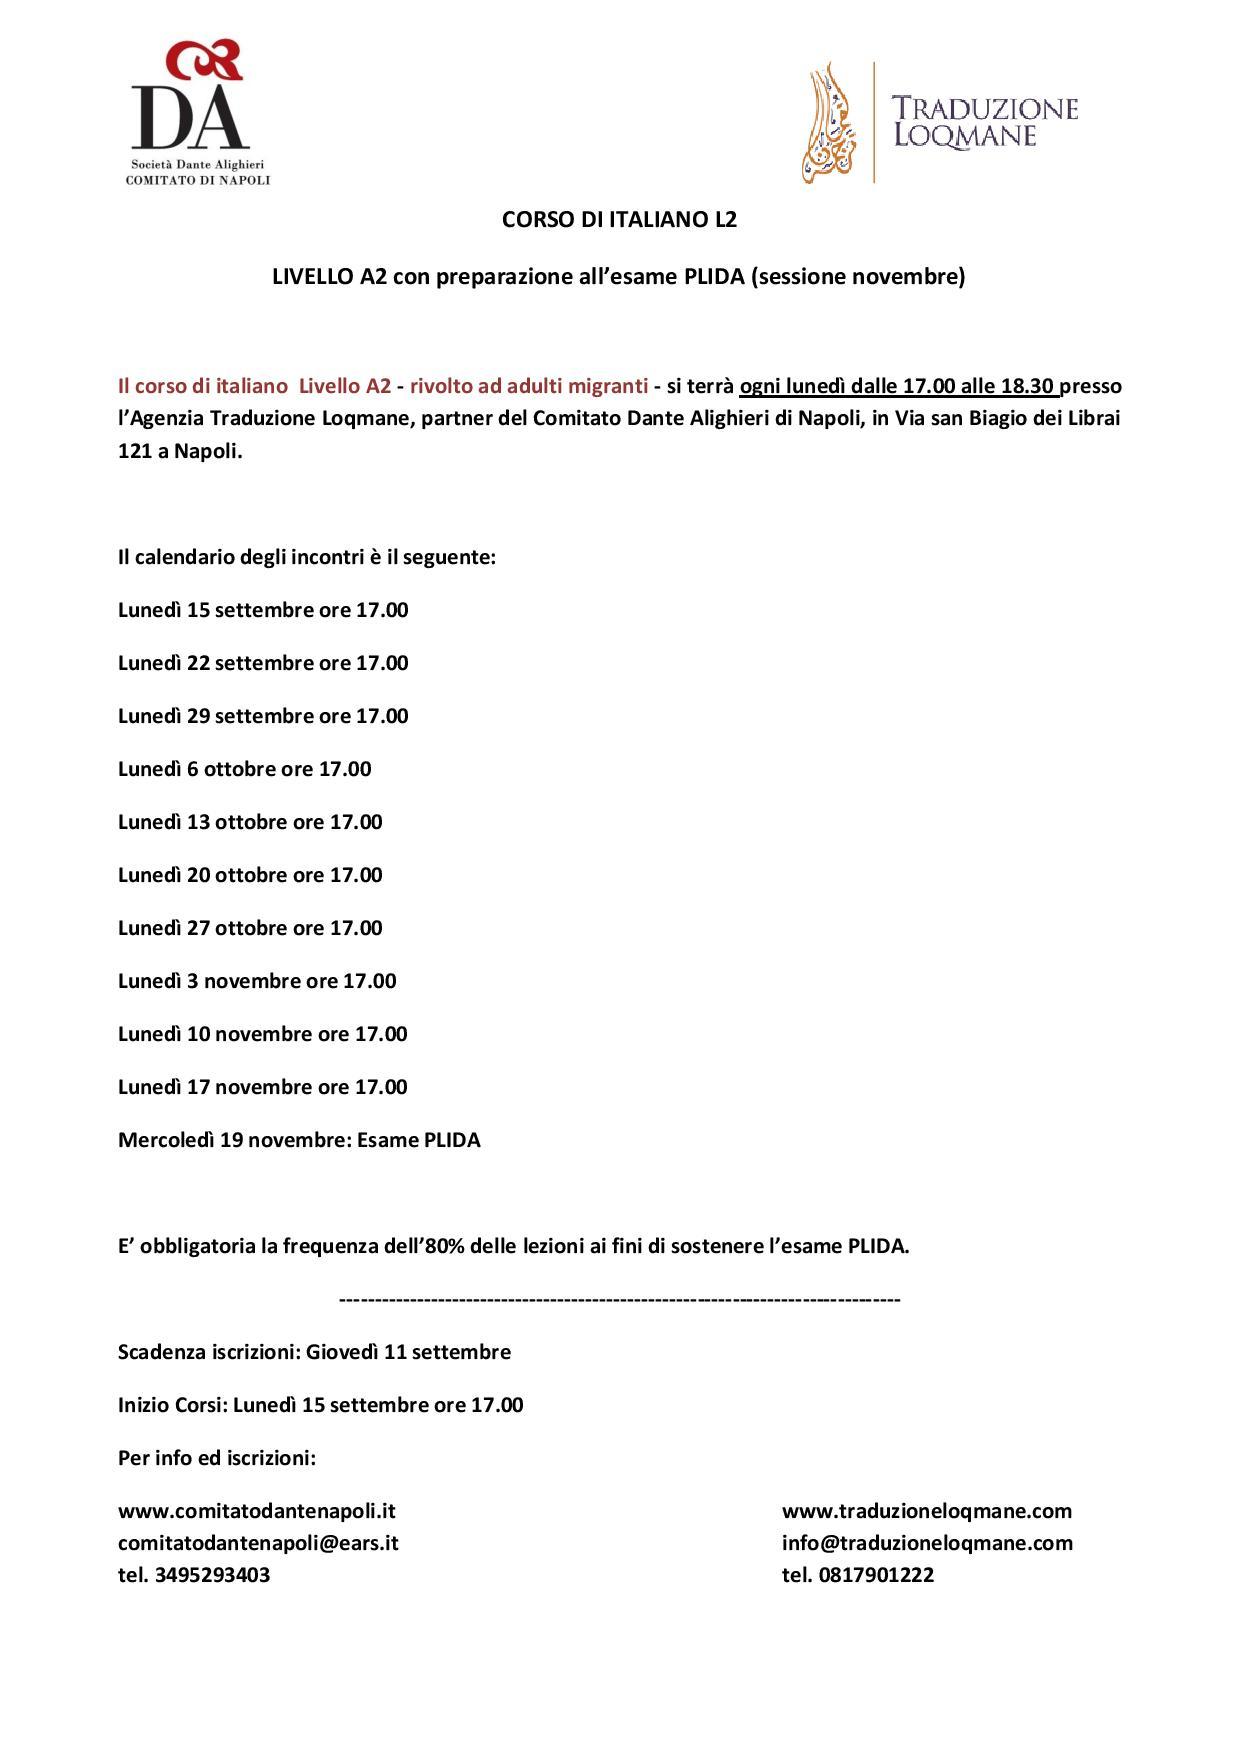 Calendario corso A2 per migranti